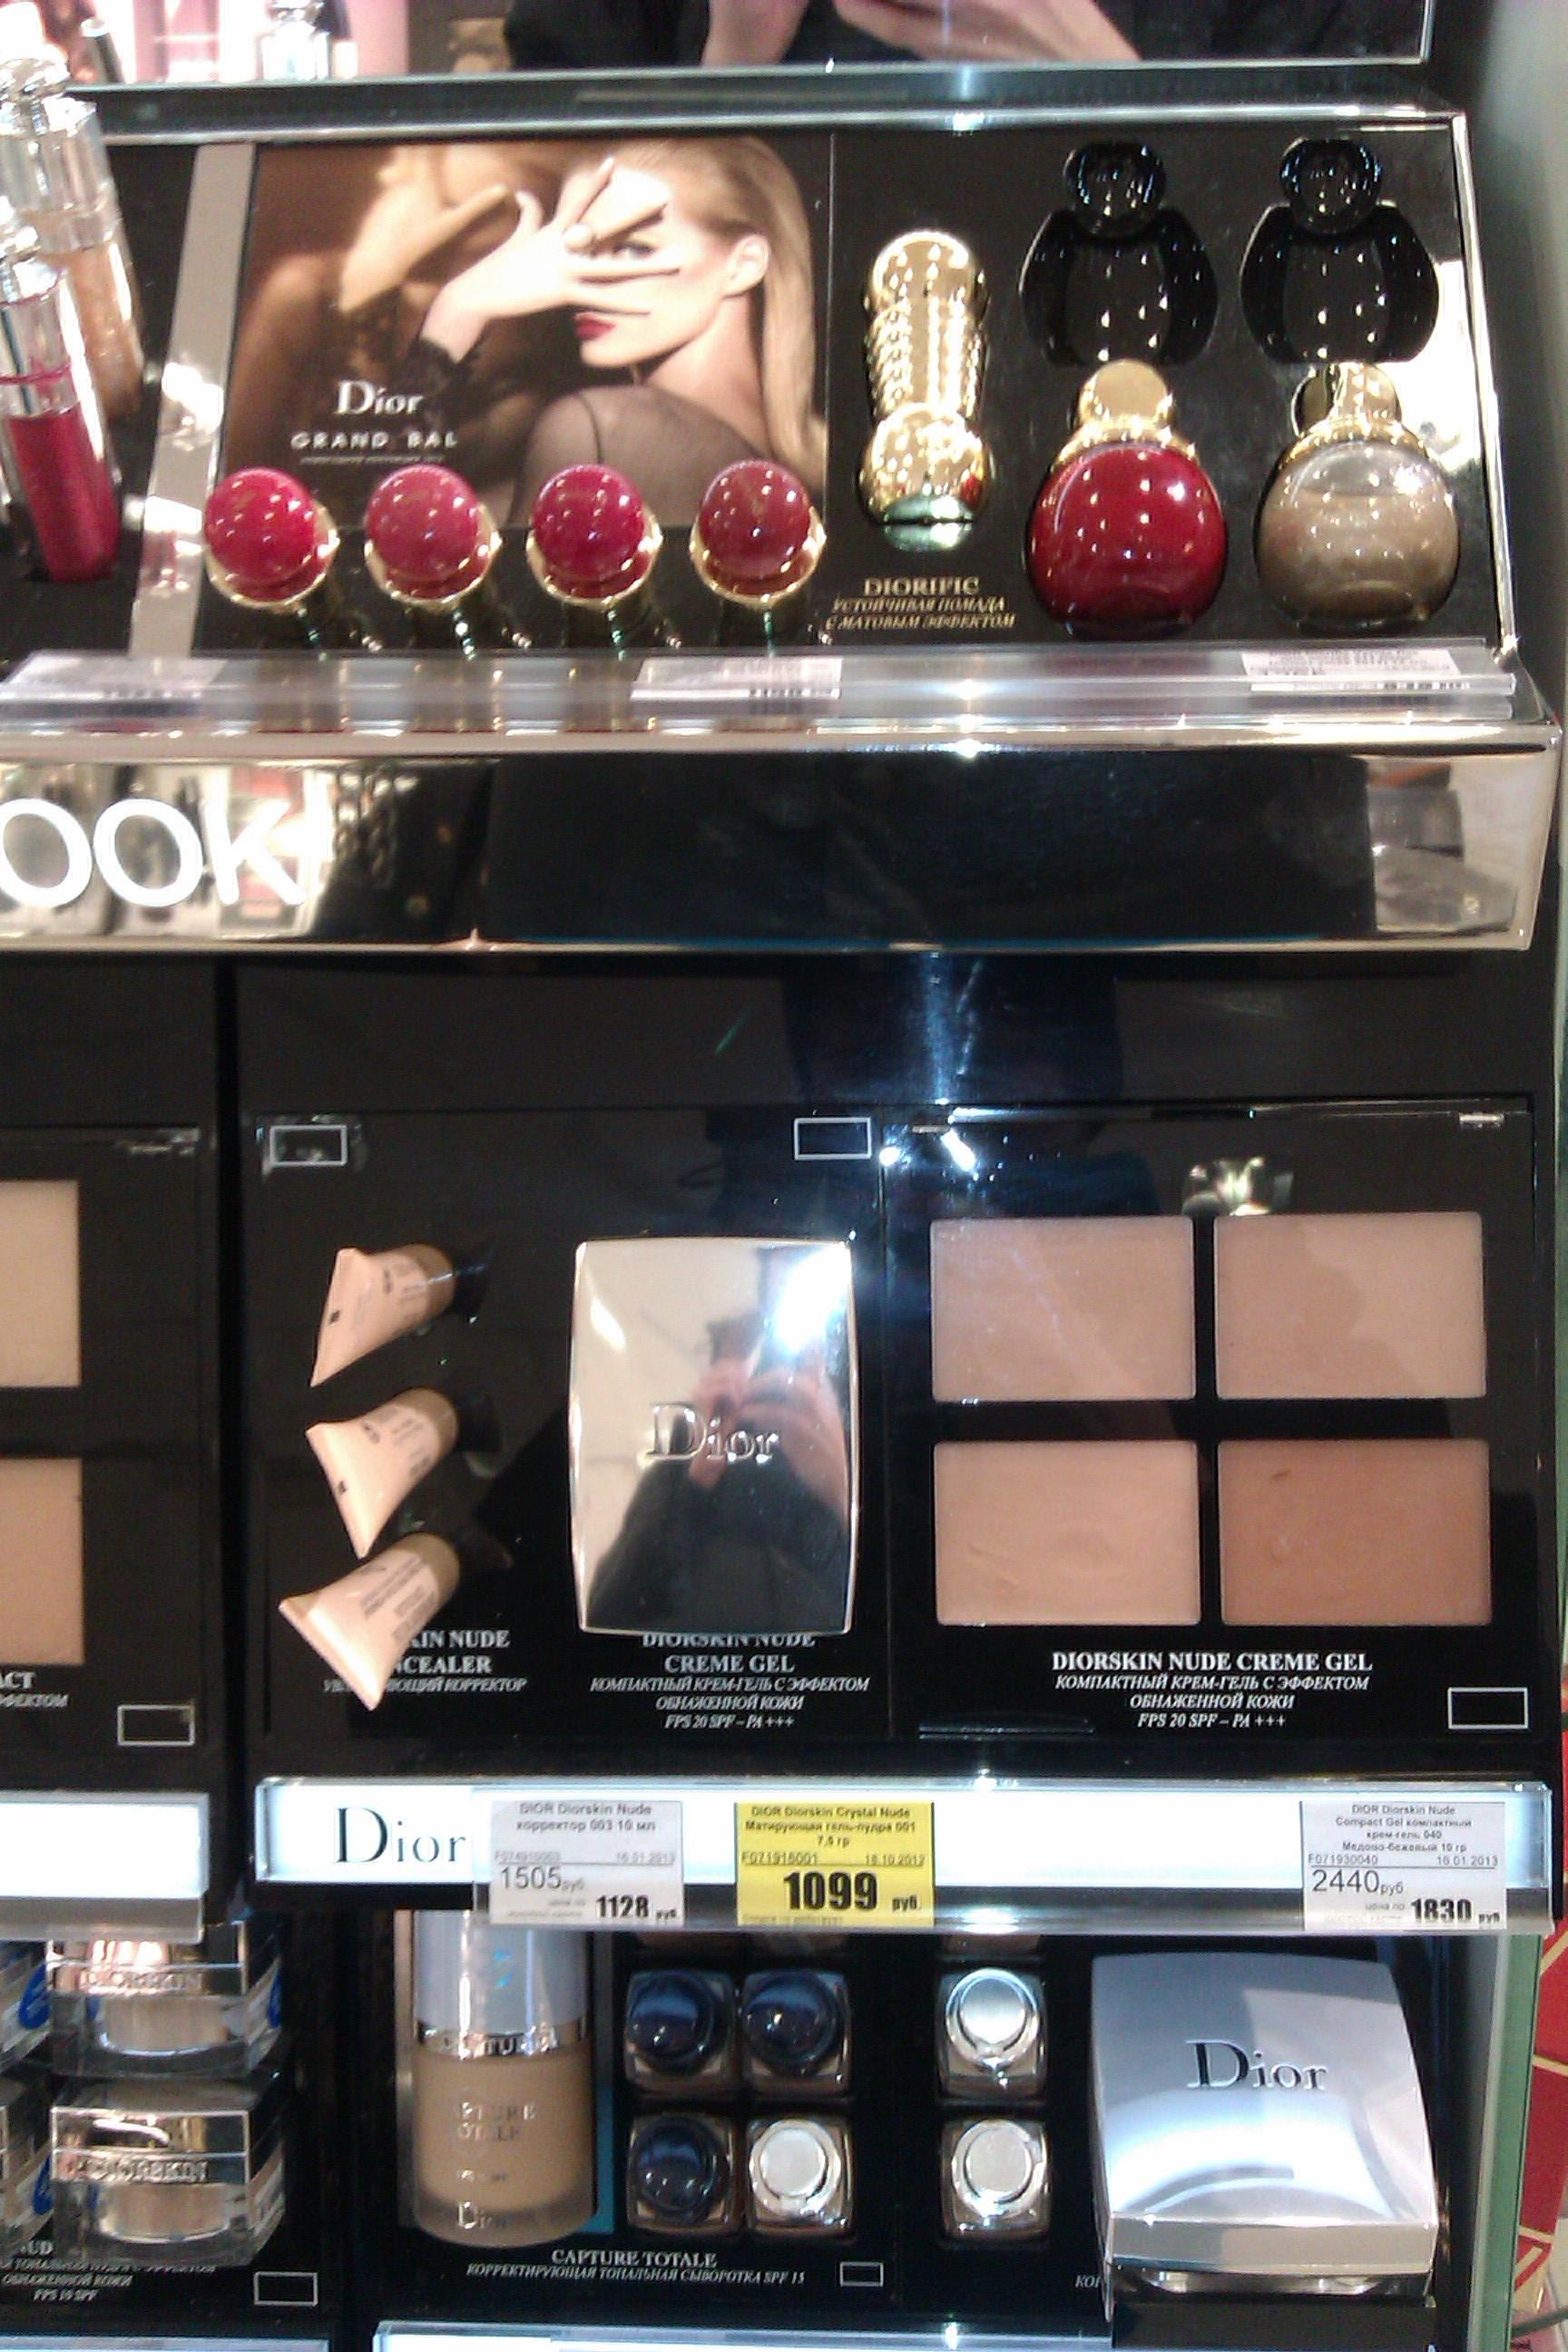 Рив гош косметика и парфюмерия купить косметика nyx где купить в волгограде